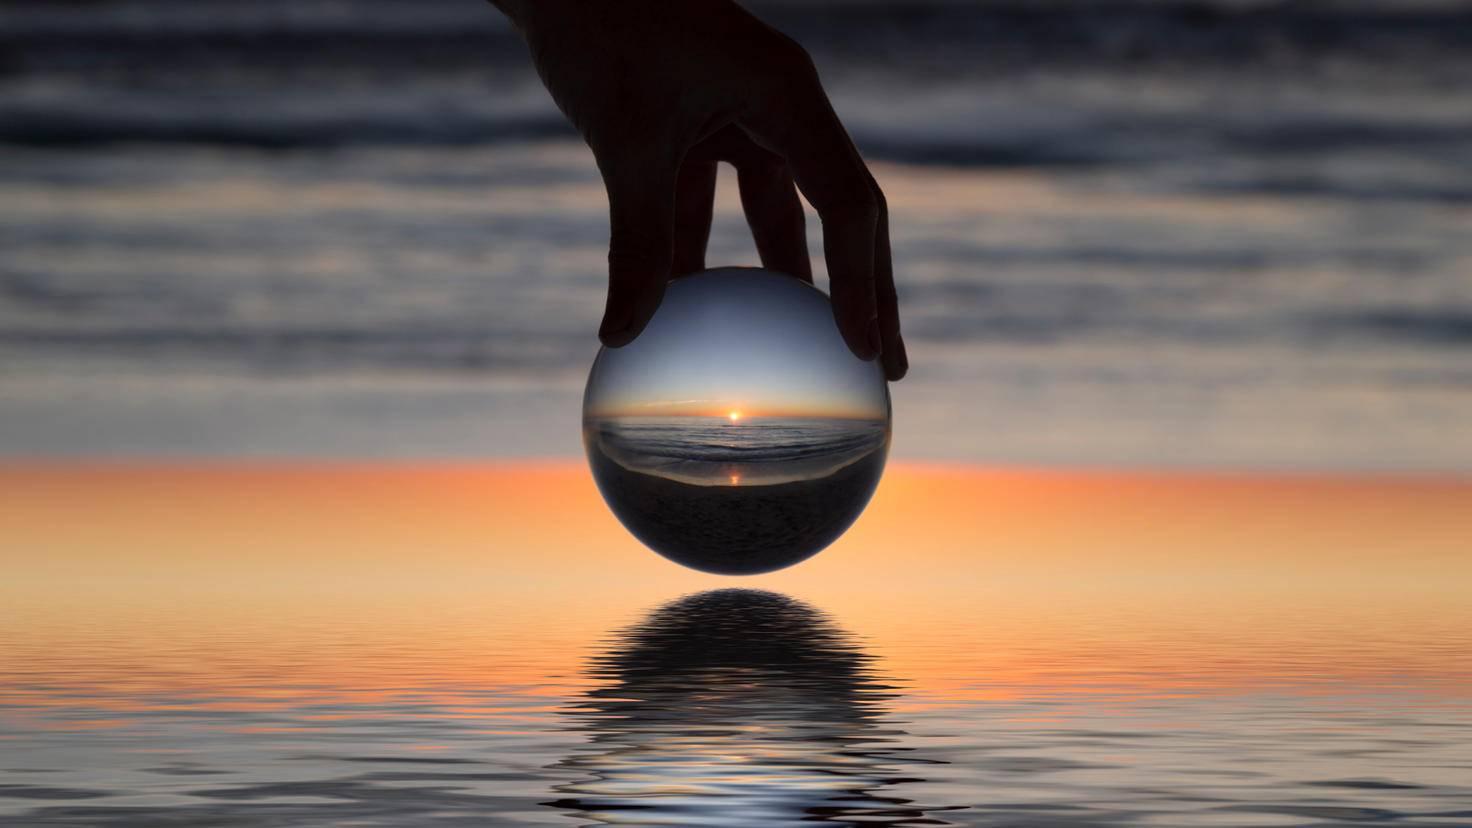 Die Glaskugel sollte handlich sein, aber auch genug Platz für ein schönes Motiv bieten.